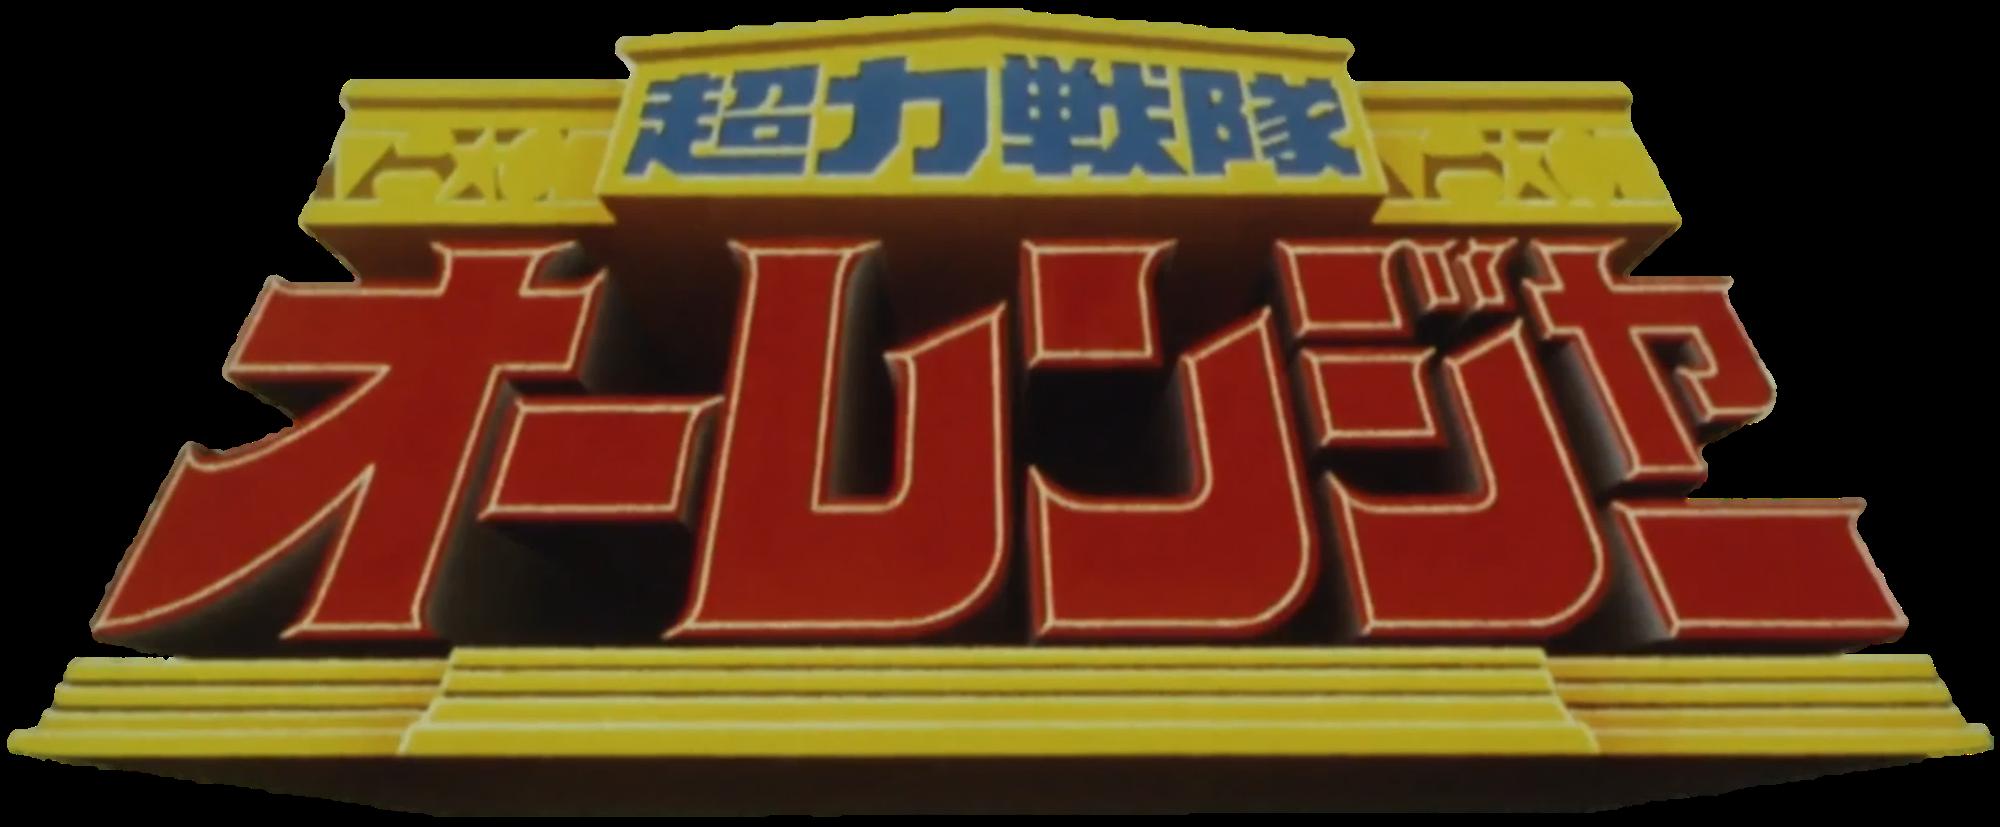 File:Logo-ohranger.png